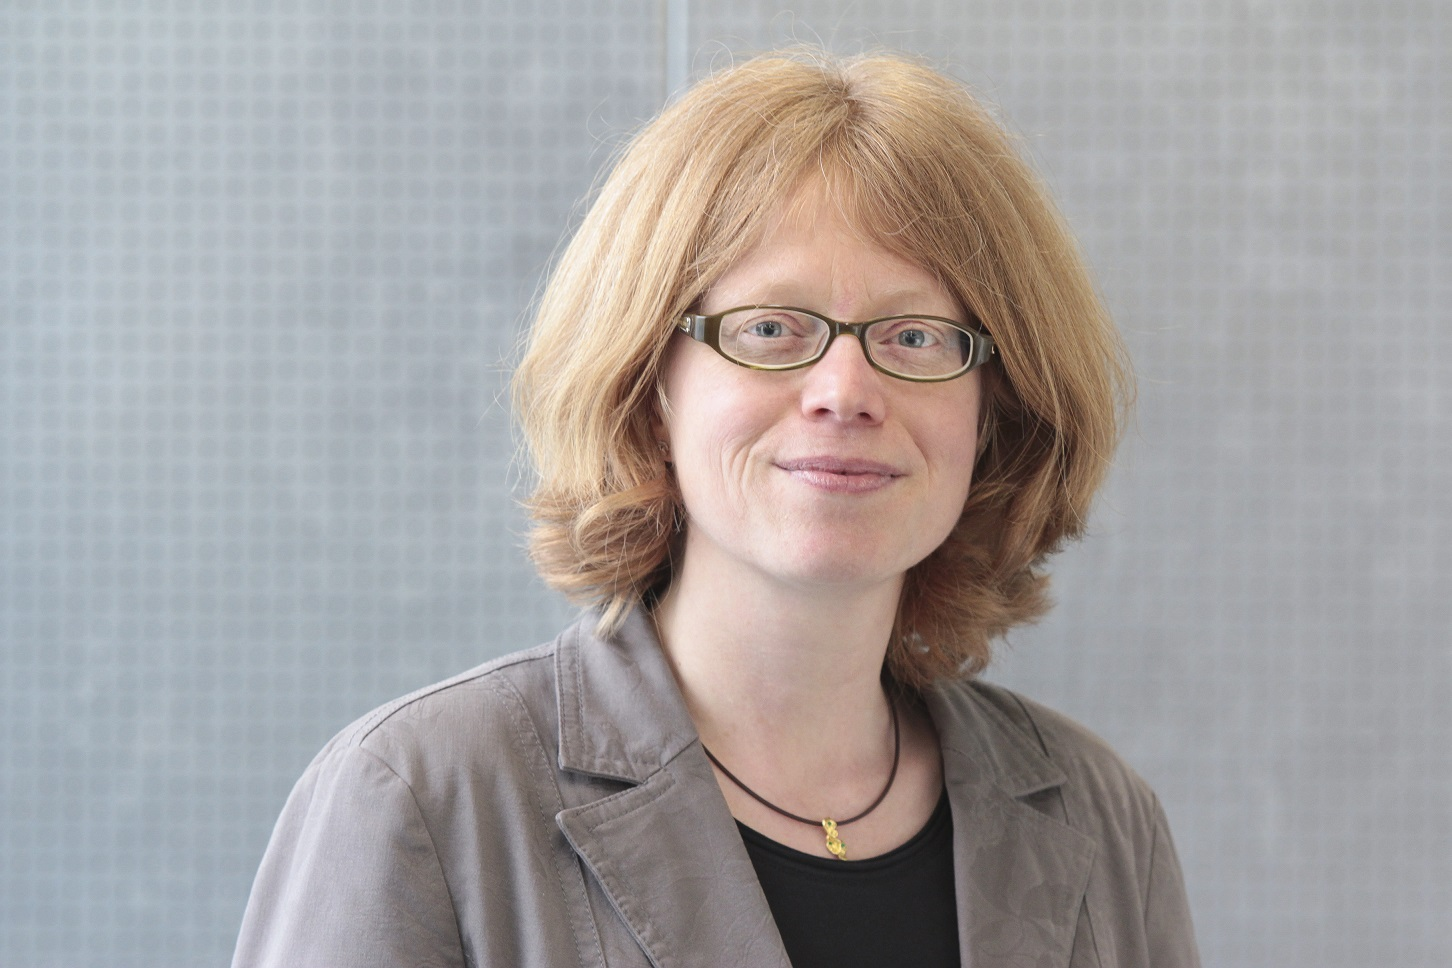 Die Koordinatorin des neuen DFG-Schwerpunktprogrammes: Prof. Dr. Regina Toepfer, Professorin für germanistische Mediävistik am Institut für Germanistik der TU Braunschweig. Bildnachweis: Anne Hage/TU Braunschweig